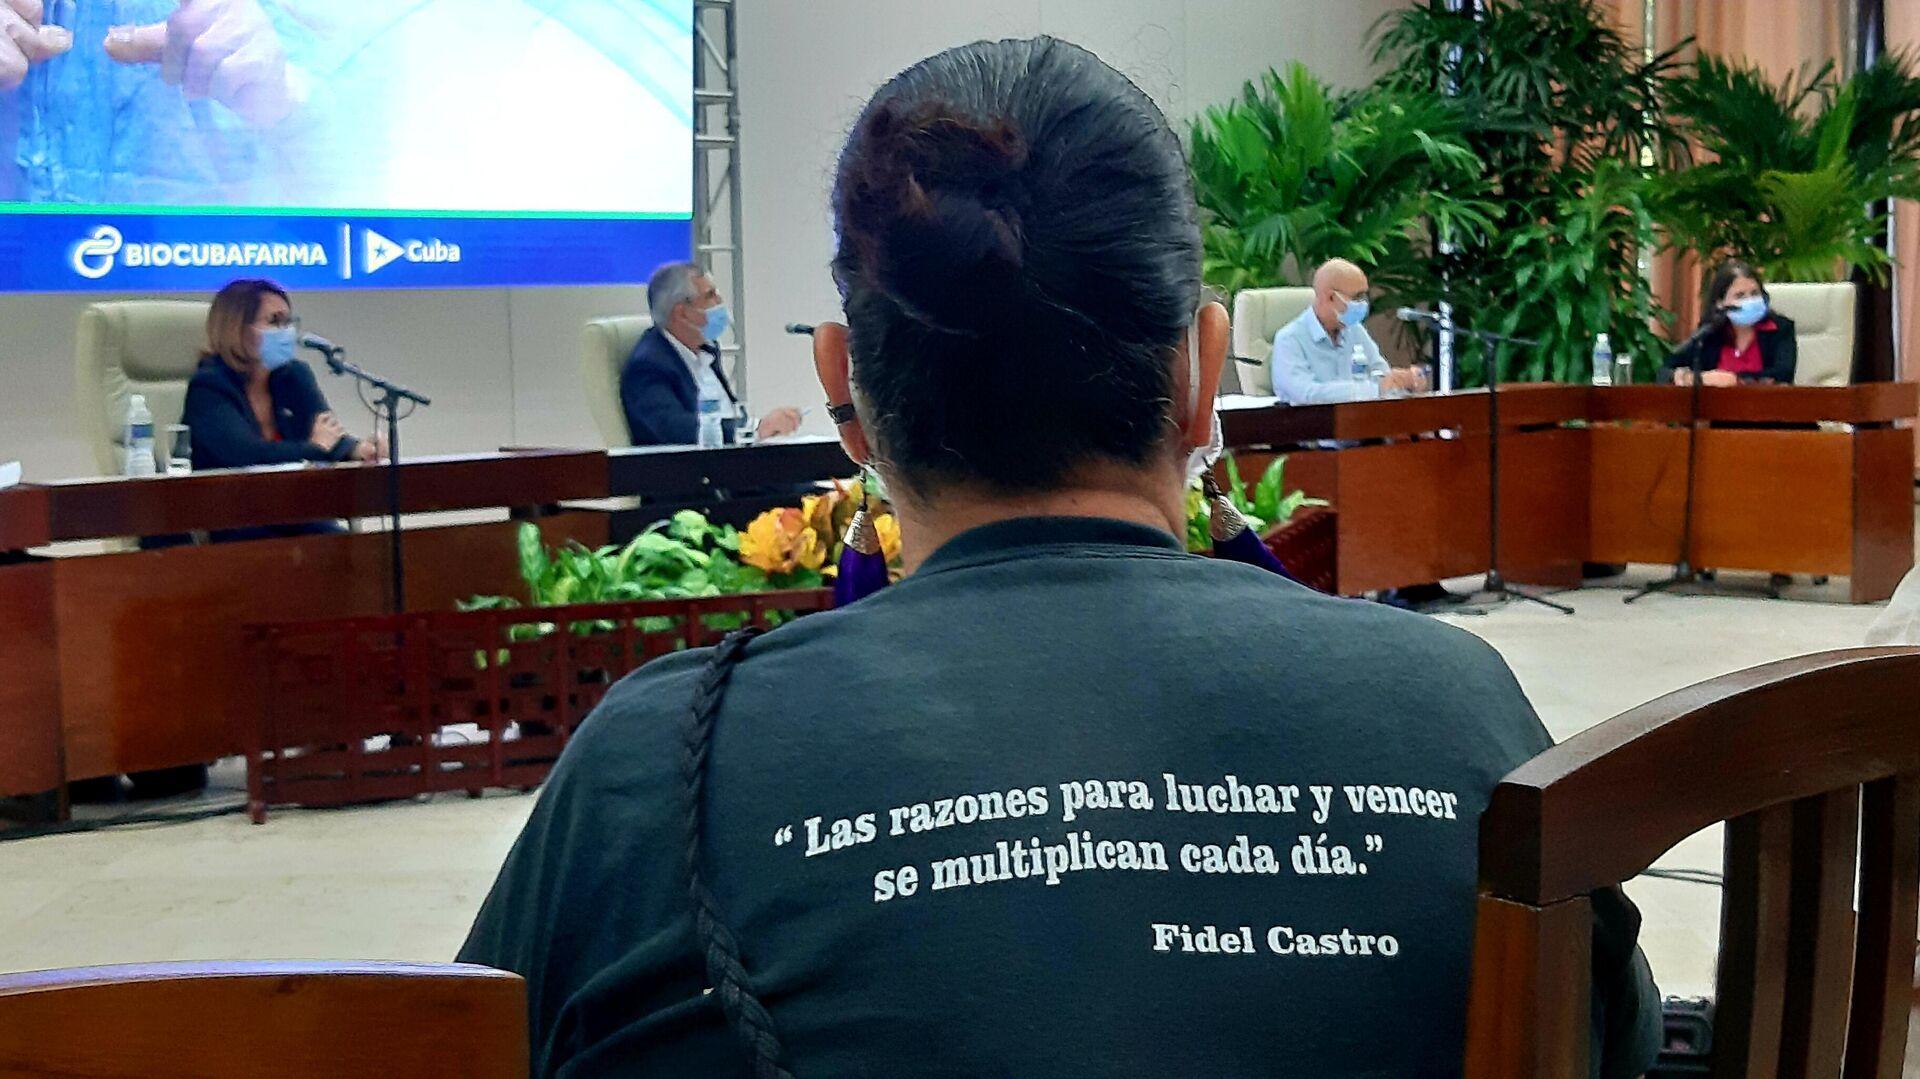 La biotecnología cubana avanza en el desarrollo de sus cinco candidatos vacunales - Sputnik Mundo, 1920, 04.06.2021